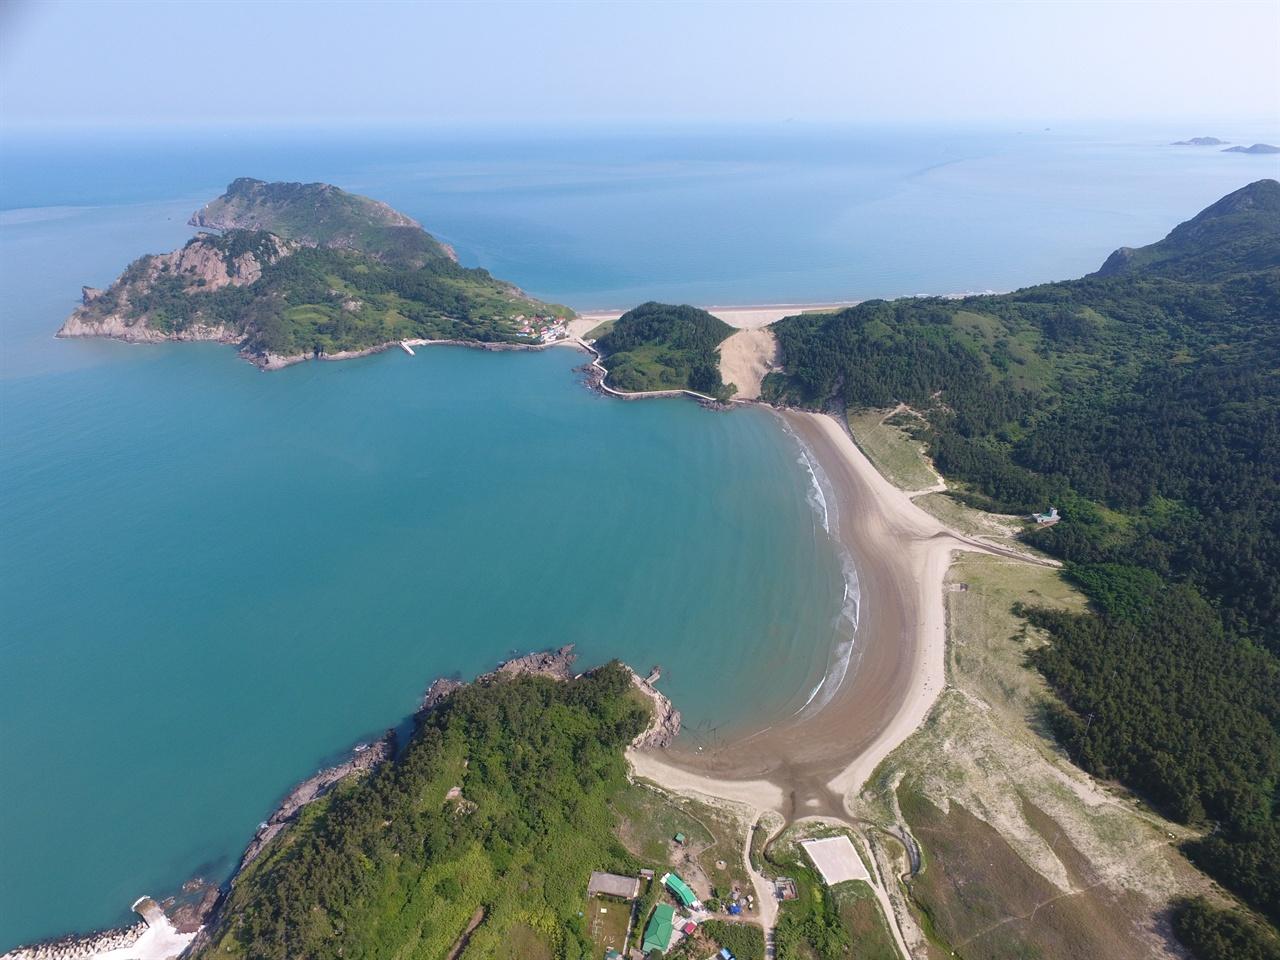 우이도 돈목, 성촌, 돈목 해수욕장 전경  신비의 섬 우이도의 자연 유산 모래 언덕과 해수욕장